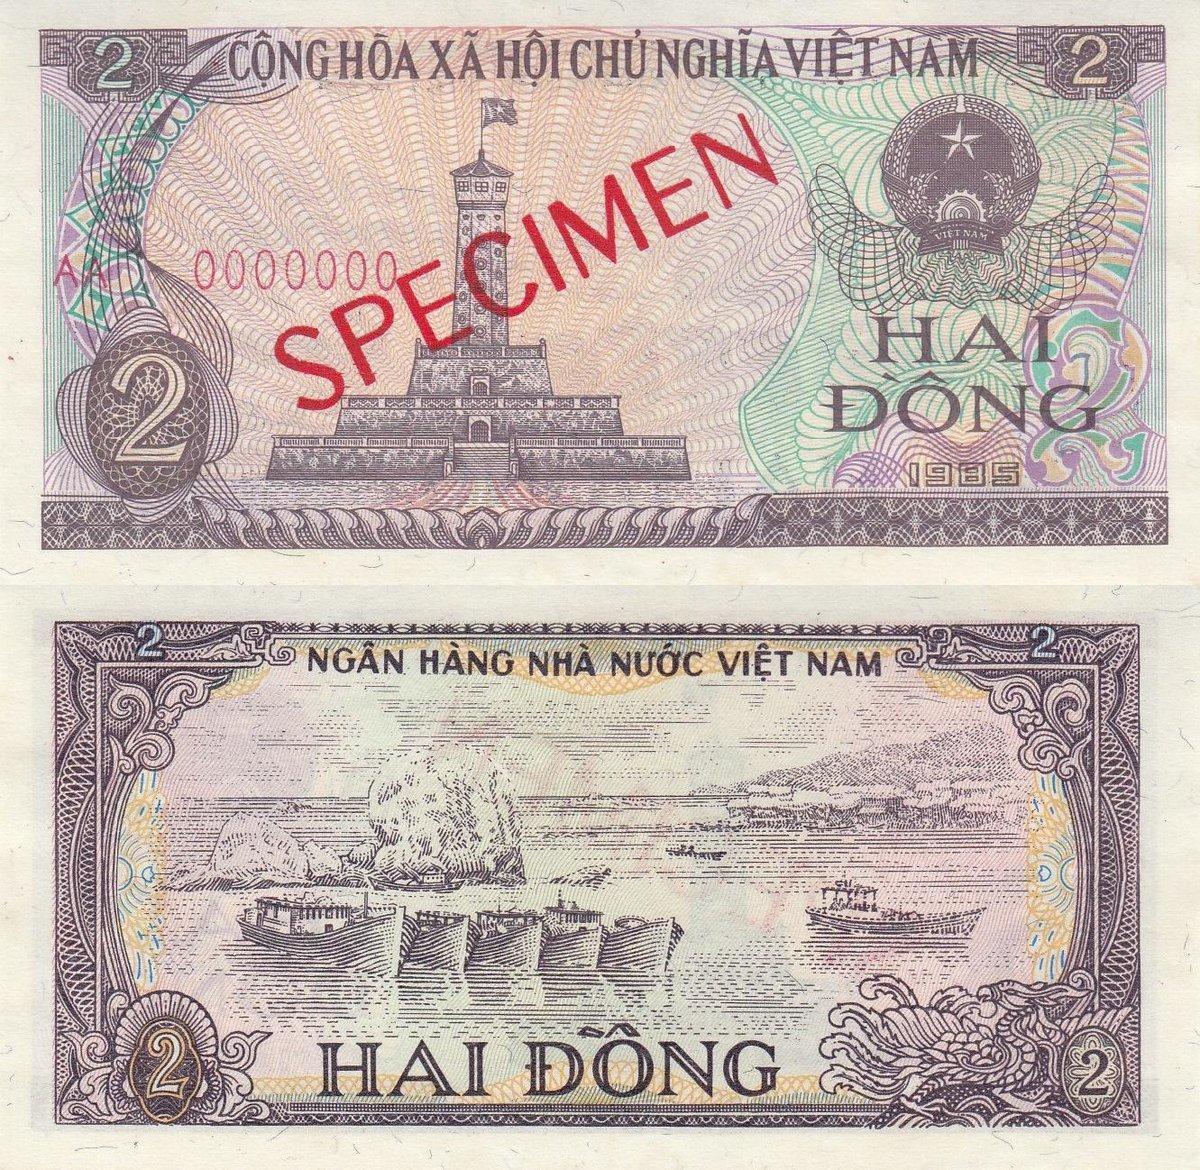 VIETNAM 20 DONG 1985 P 94 SPECIMEN AU-UNC